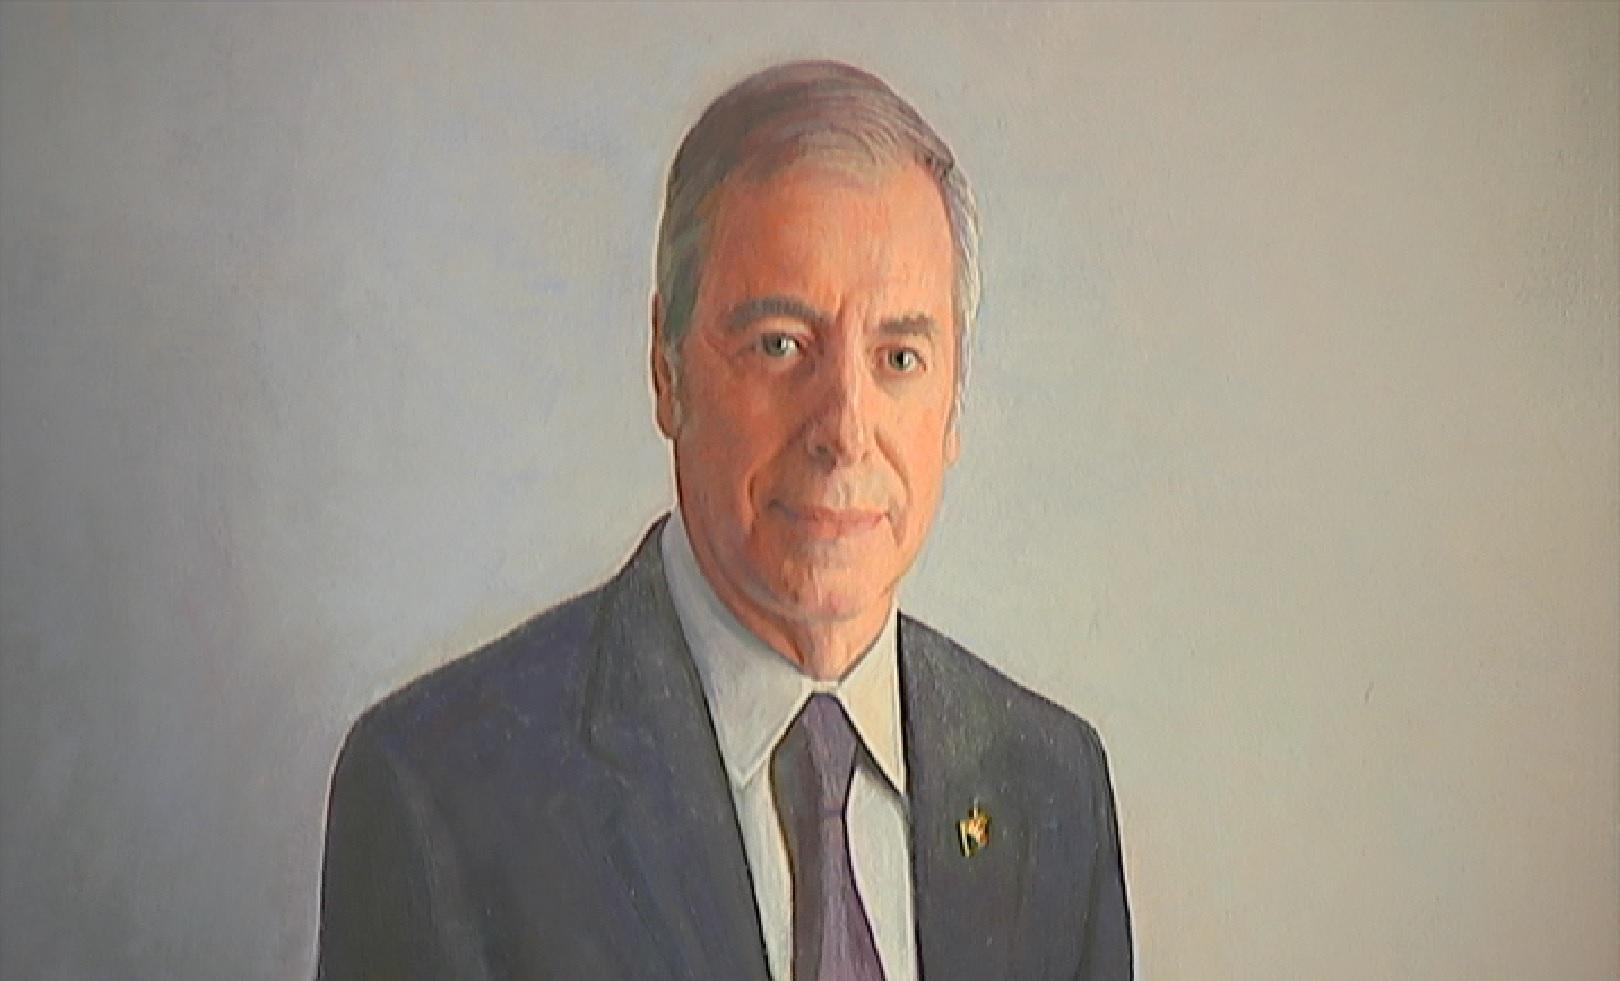 Presentat+el+retrat+de+l%27expresident+eivissenc+Vicent+Serra